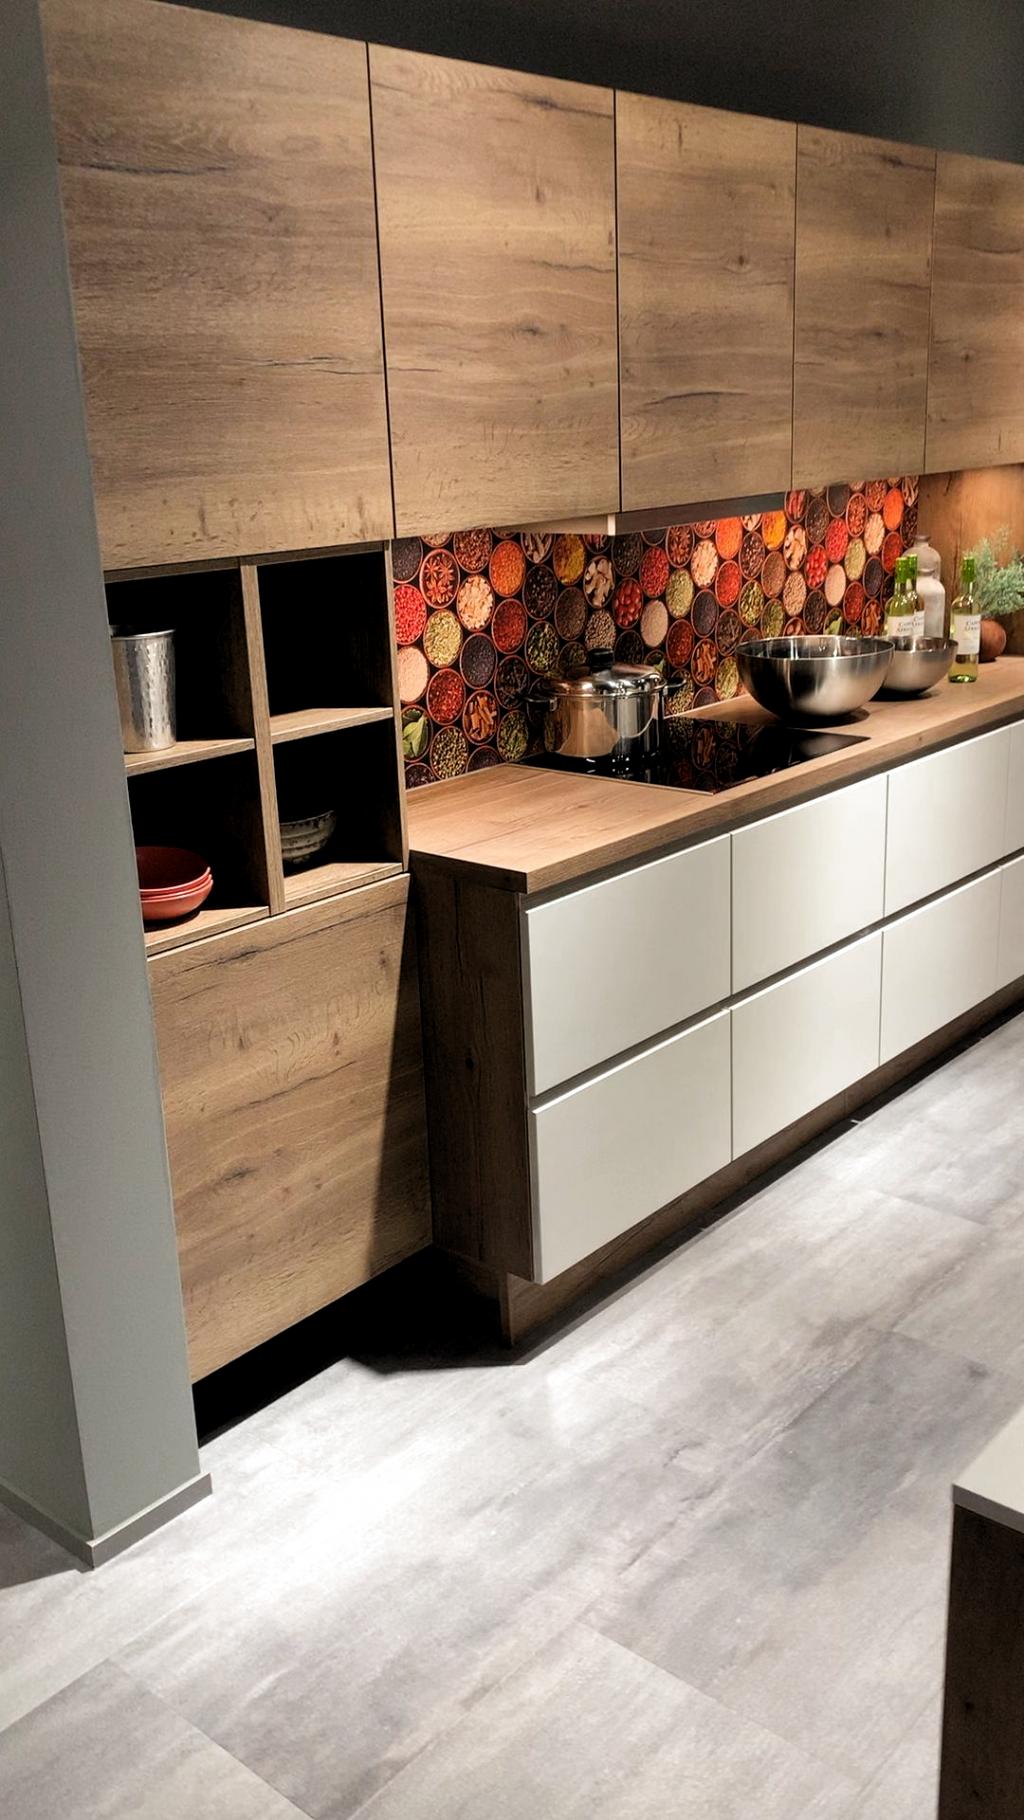 Pin Von Ana Auf Cocinas In 2020 Kuchen Design Innenarchitektur Kuche Kuchendesign